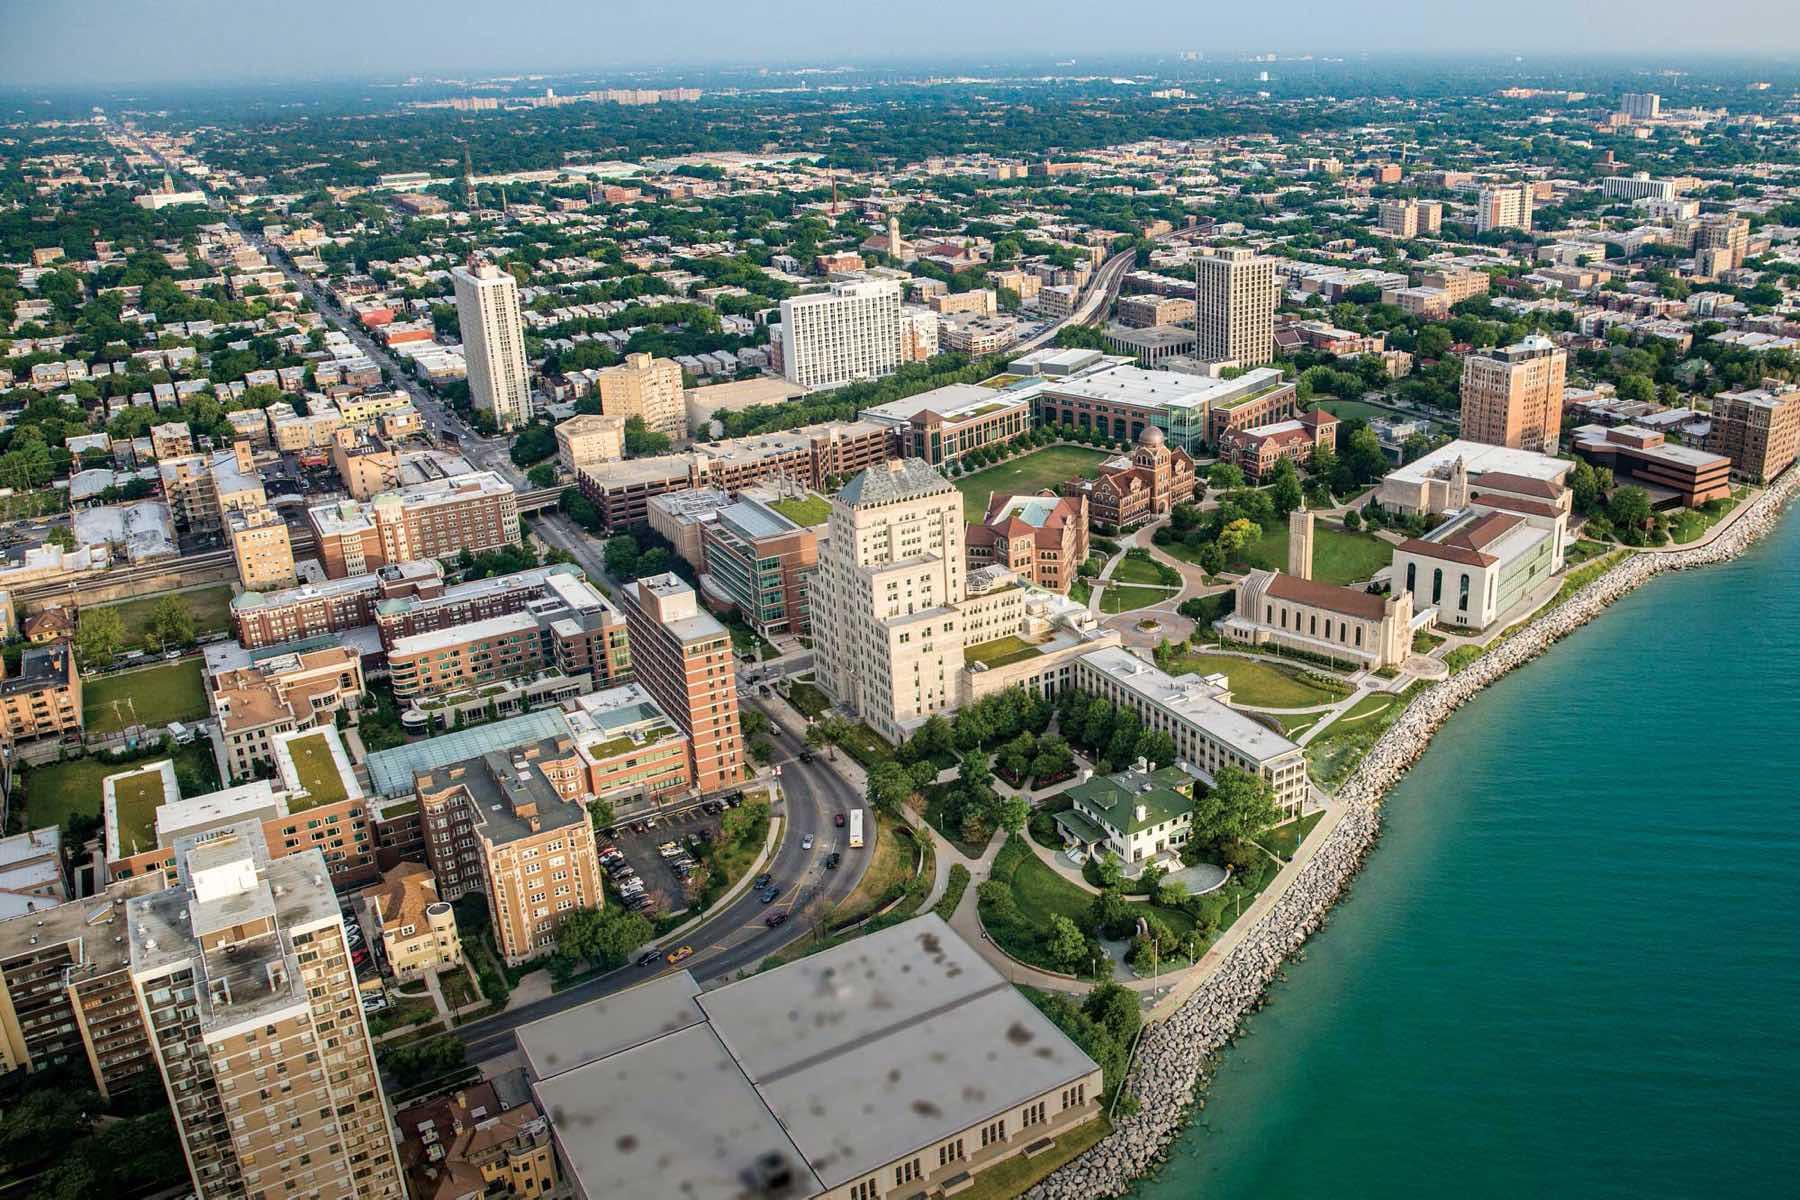 Loyola's Lakeshore Campus Aerial